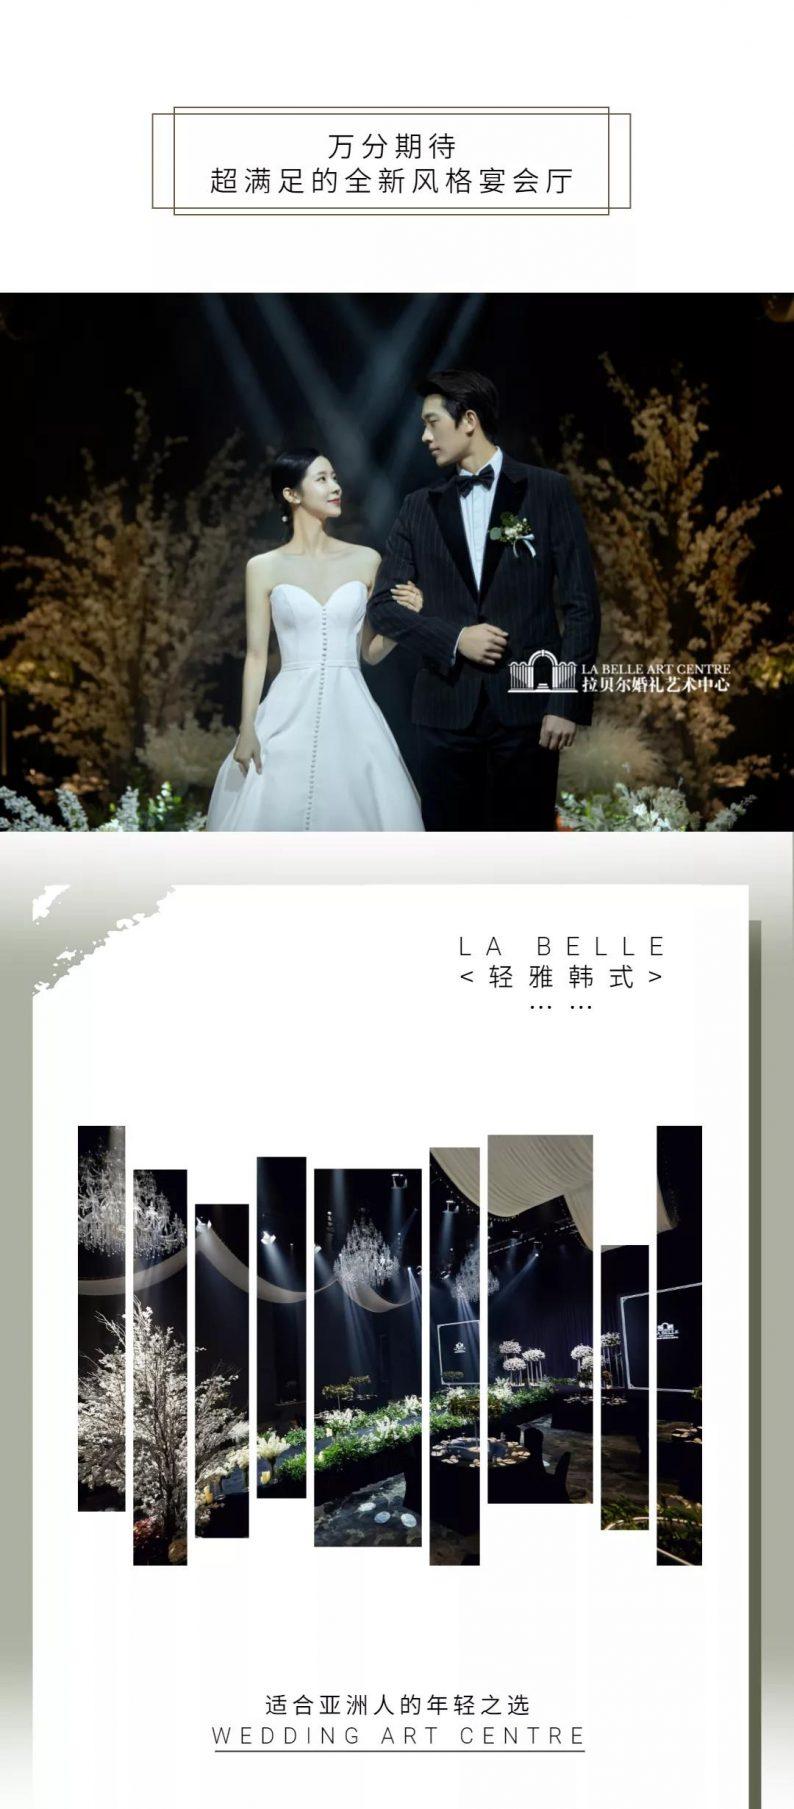 婚礼堂发布:全新风格宴会厅,备受新人瞩目  第3张